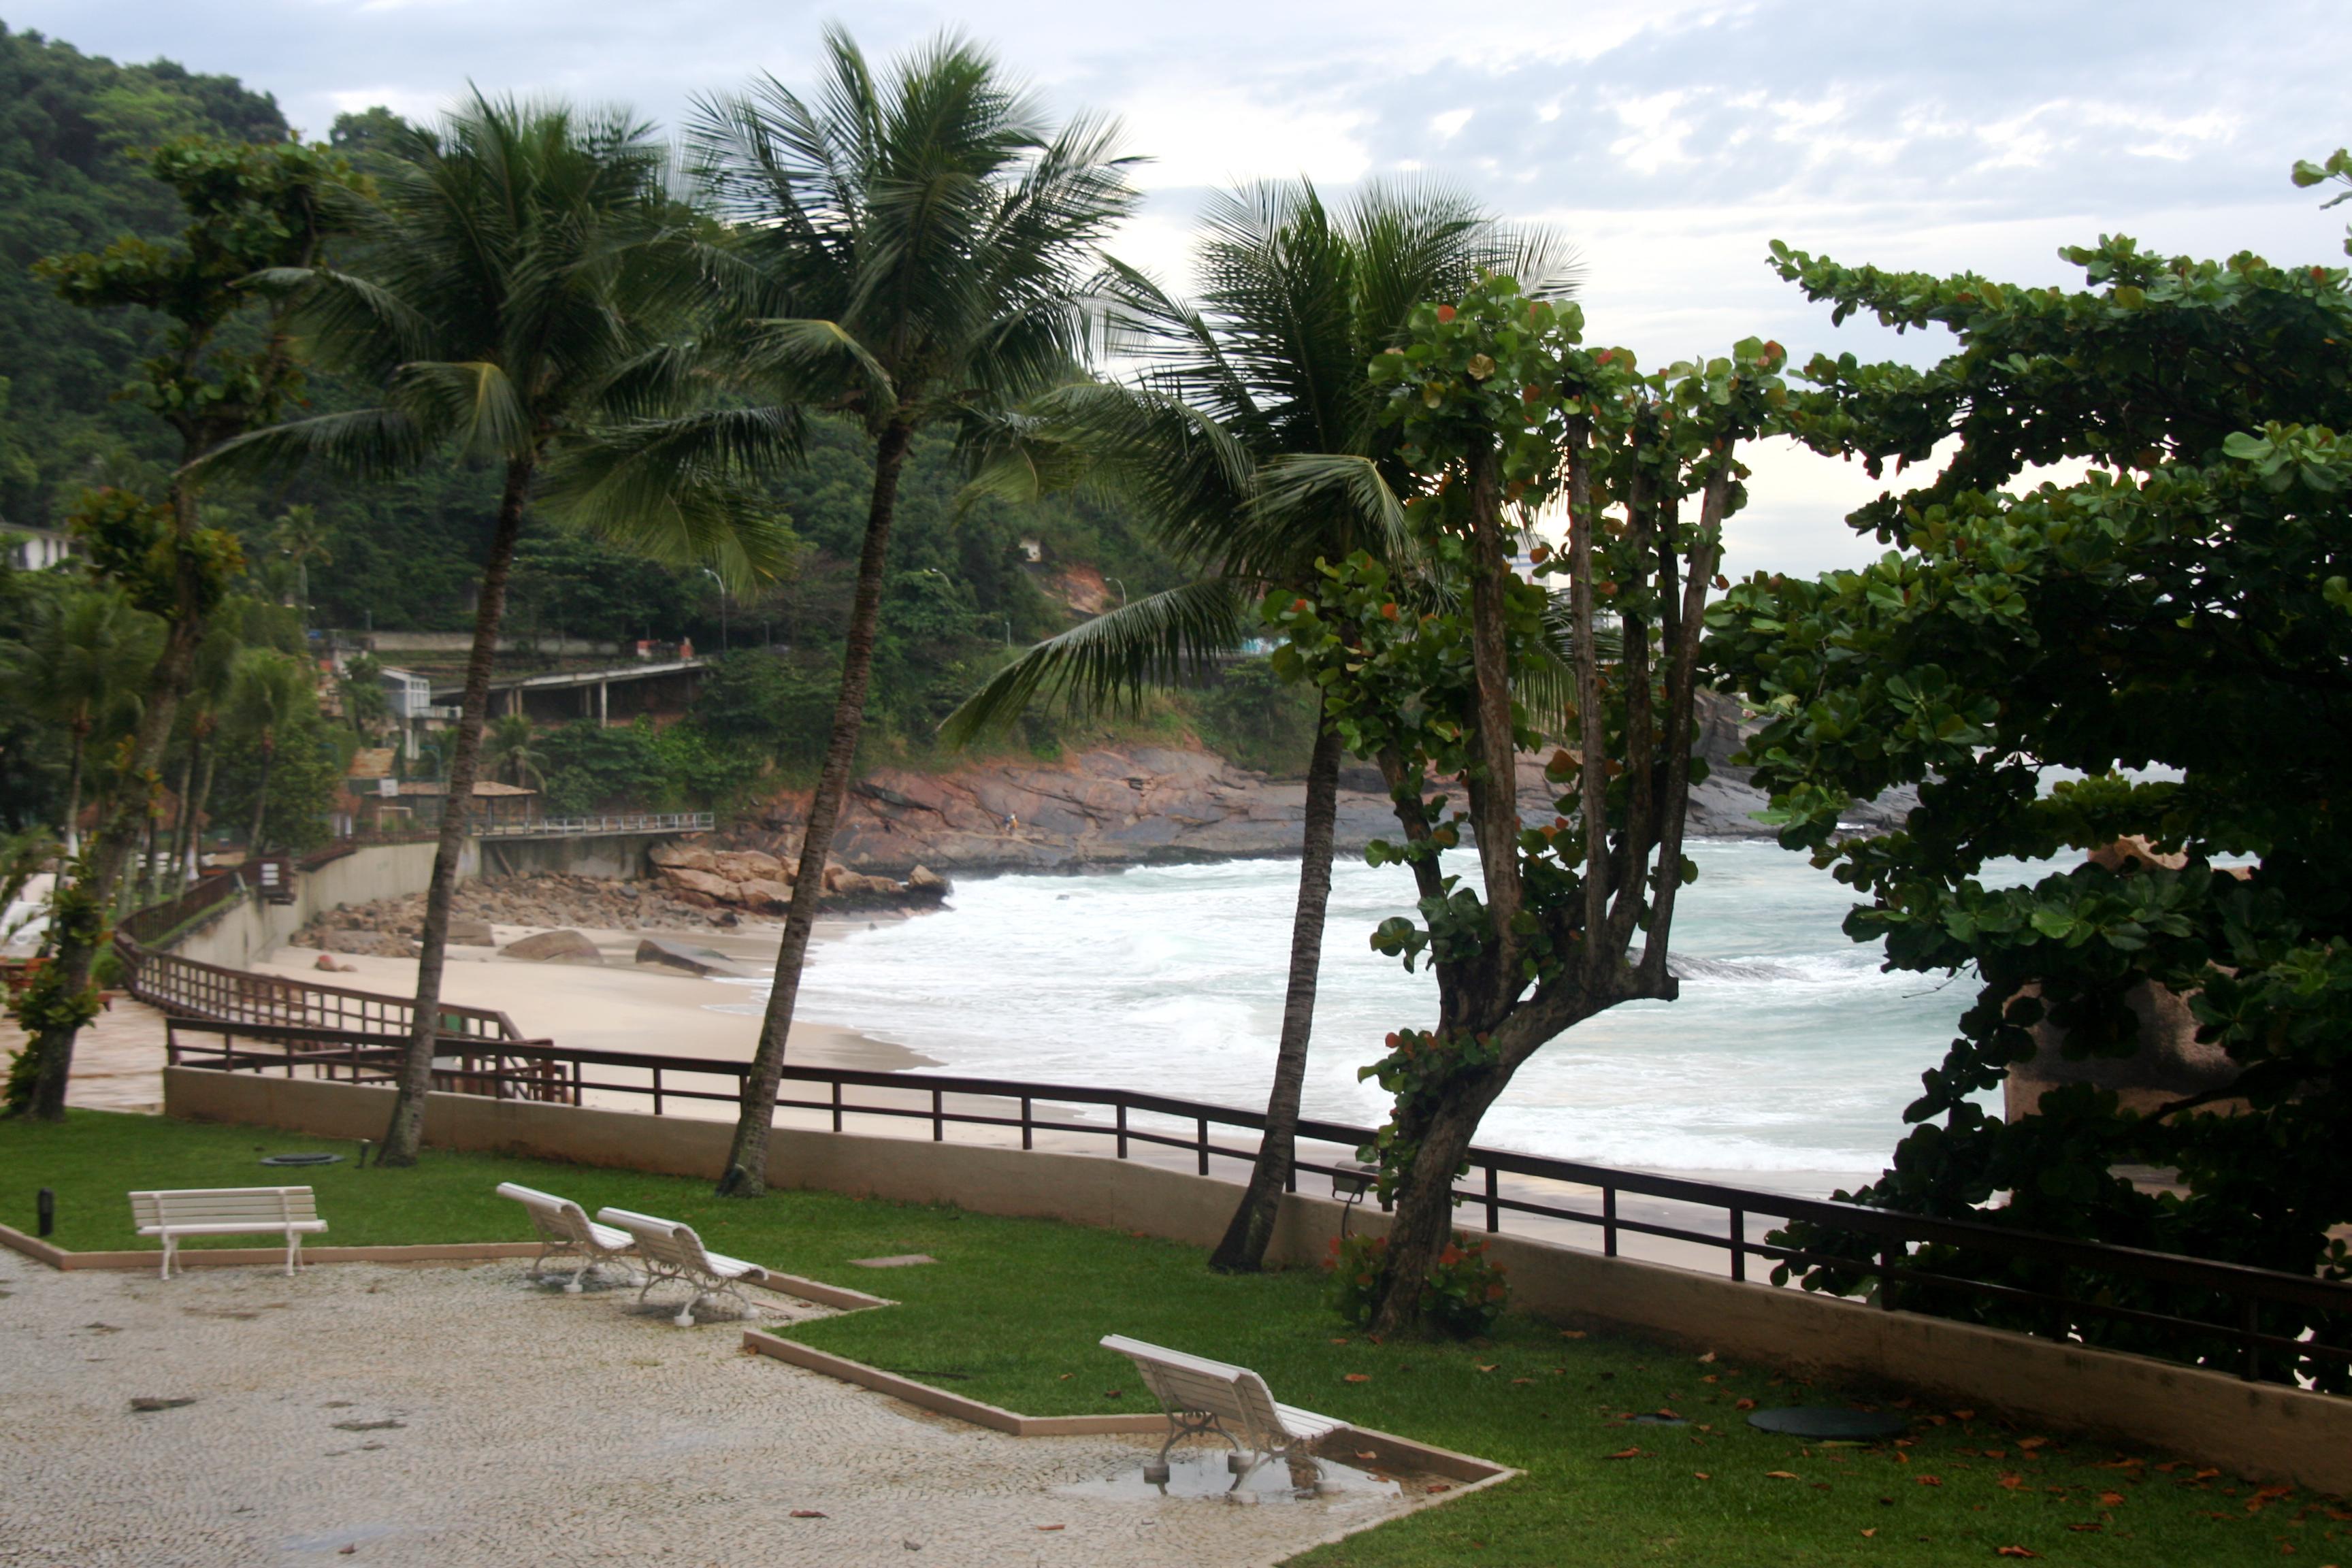 The beach outside the Sheritan Hotel, Rio de Janeiro